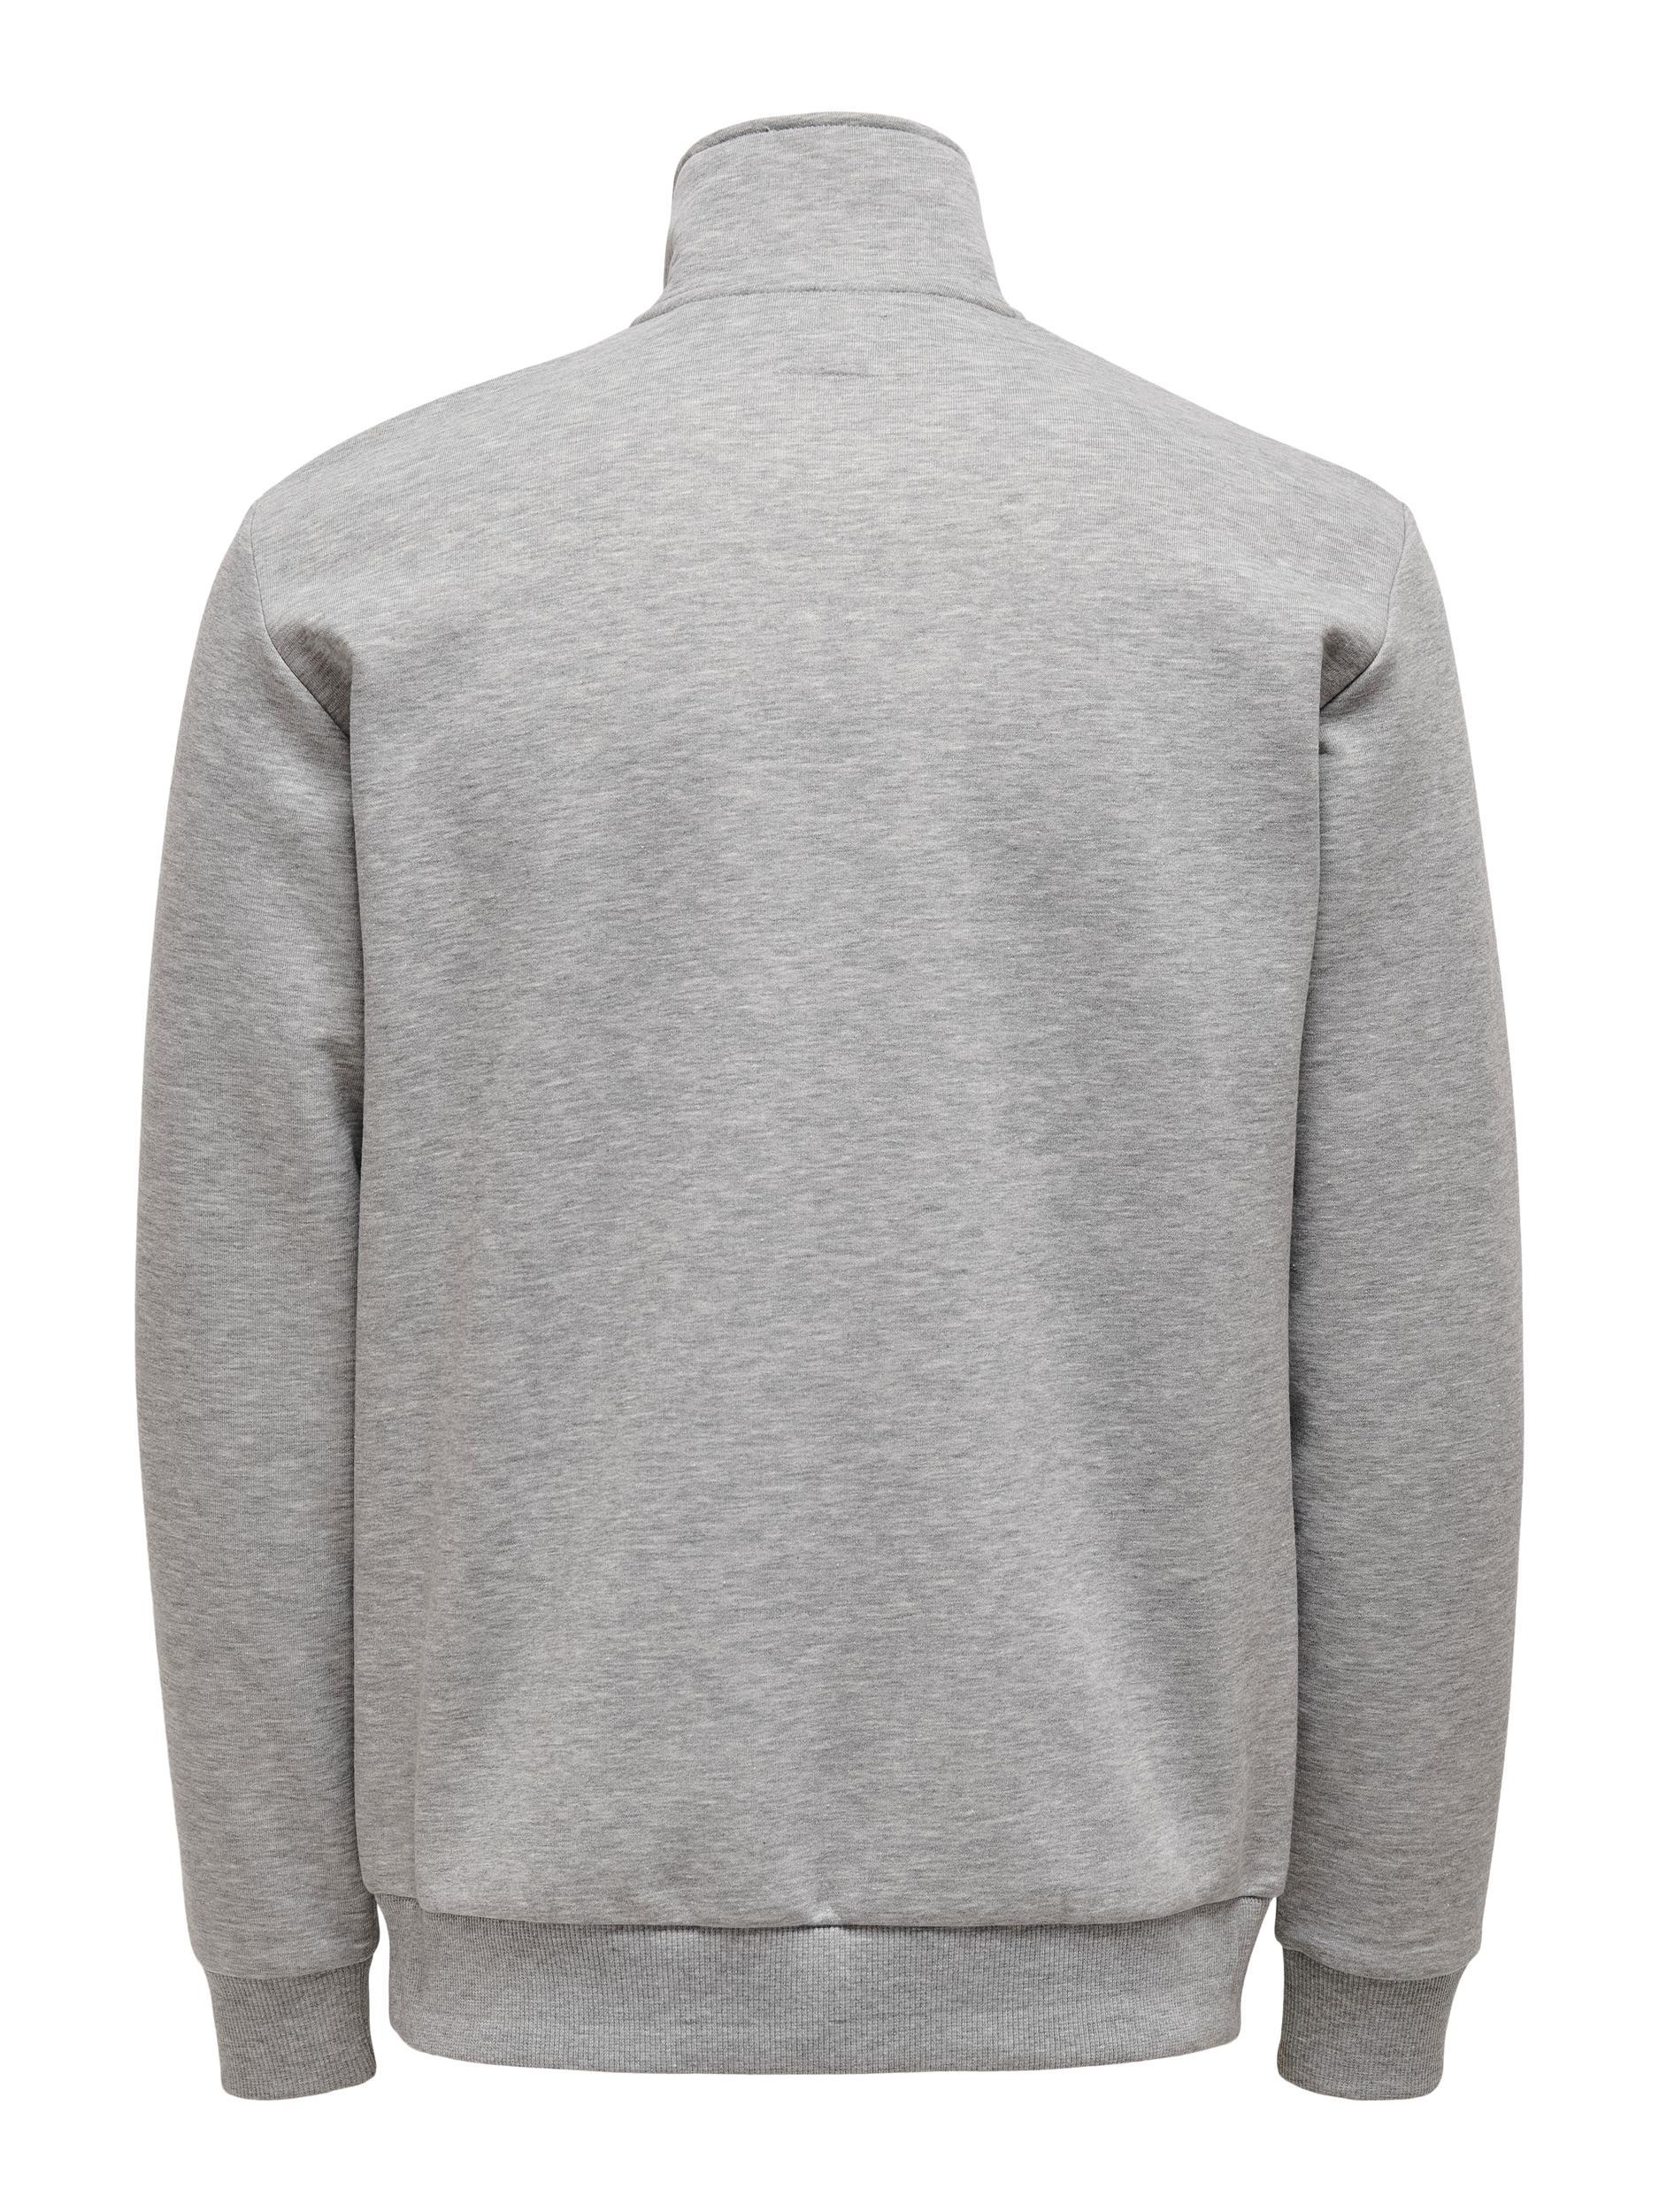 Only & Sons Ceres Lift Half Zip sweatshirt, light grey melange, large